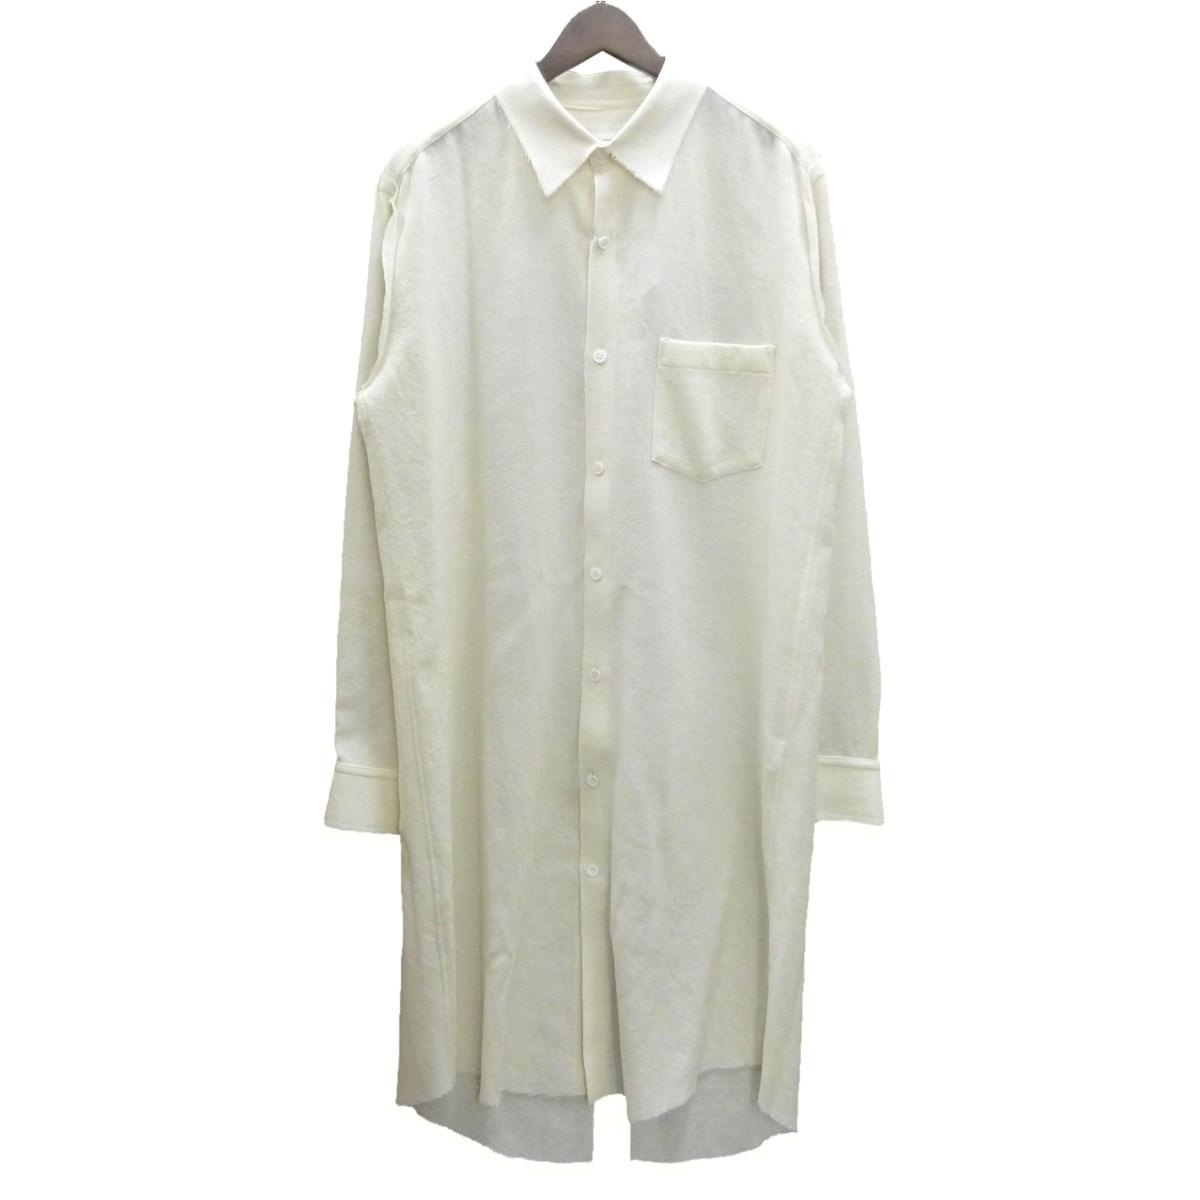 【中古】SULVAM ウールシャツドレス オフホワイト サイズ:S 【240220】(サルバム)